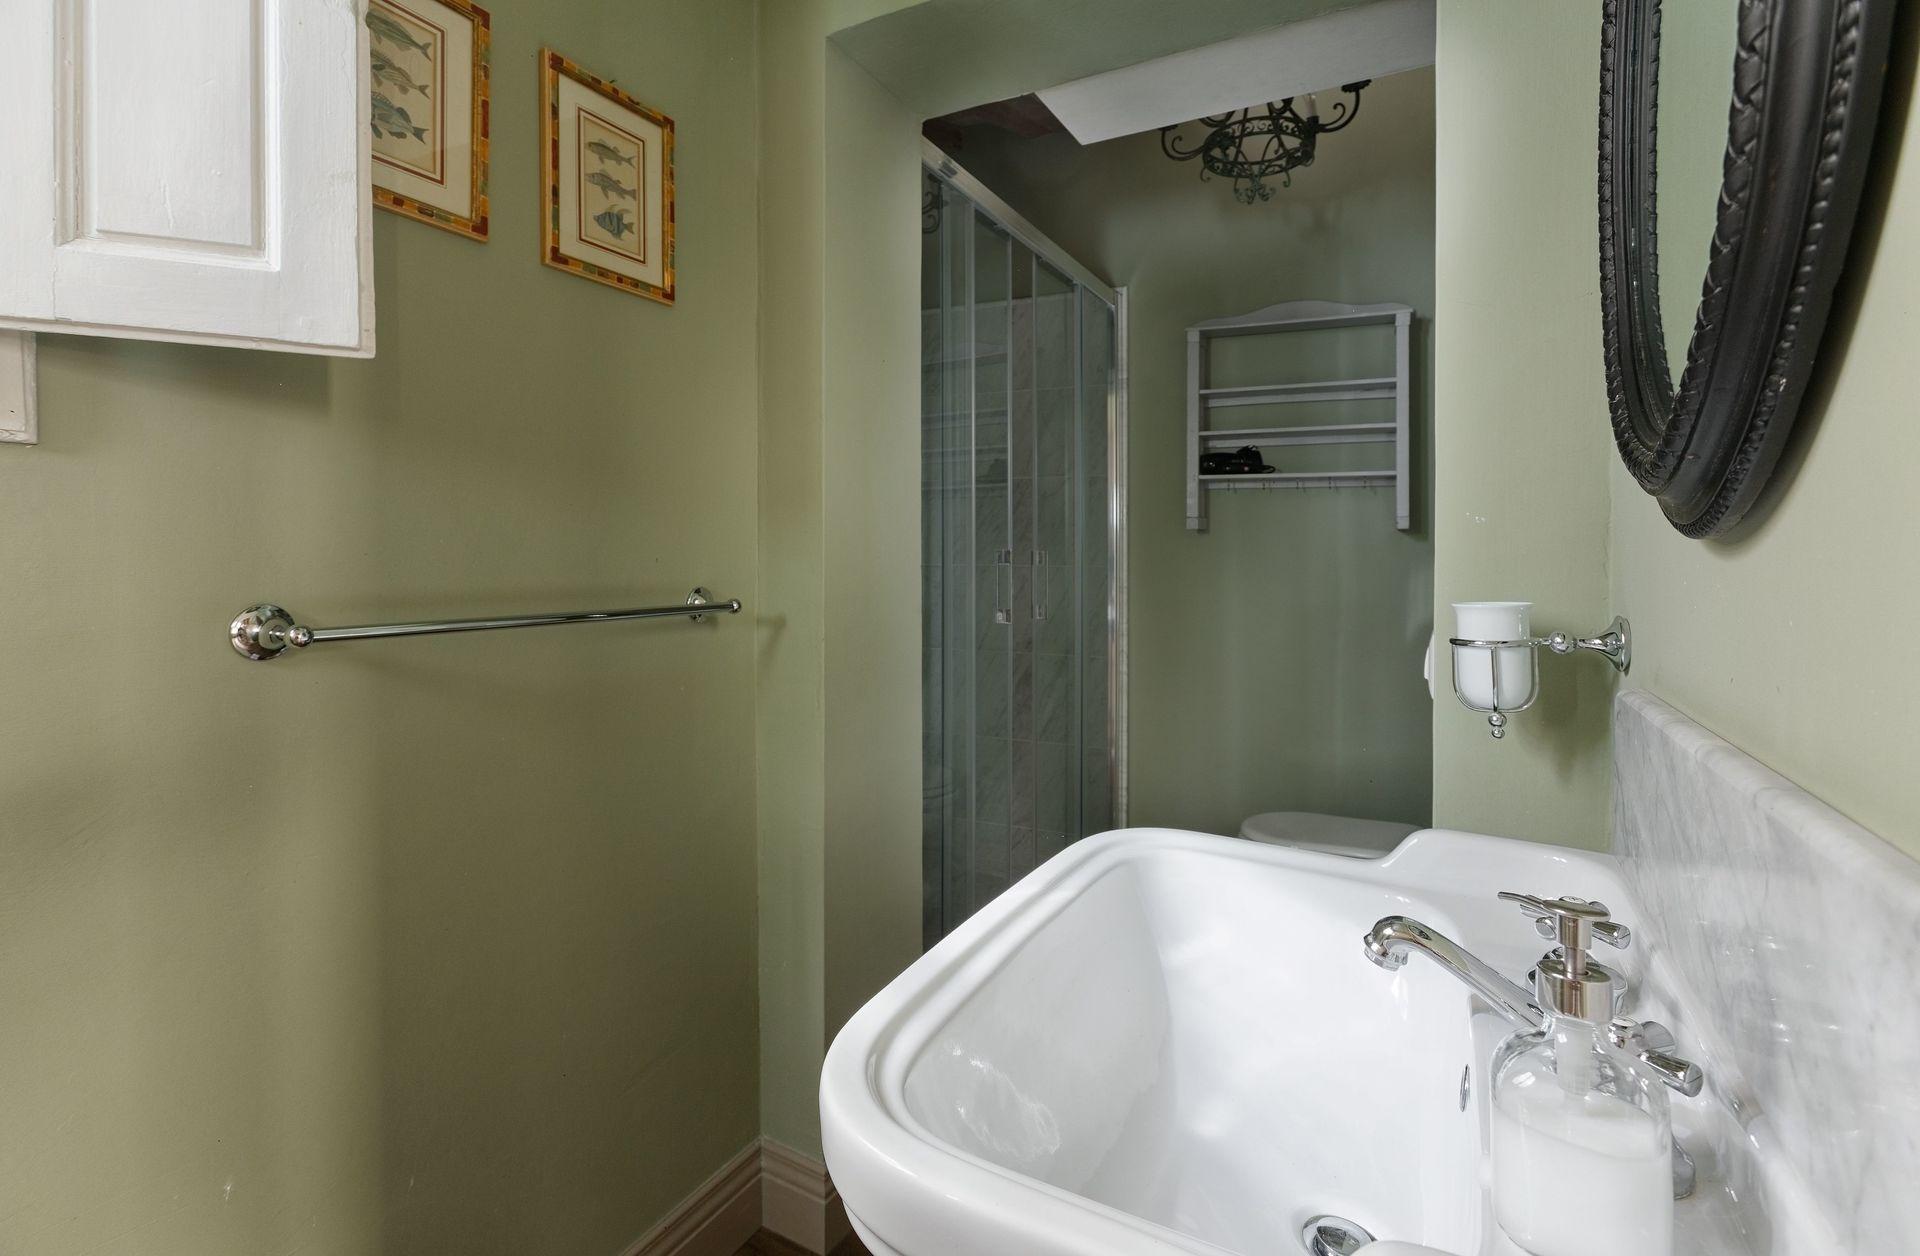 Santa croce luxury casa vacanze con 6 posti letto in 2 - Camere da letto firenze ...